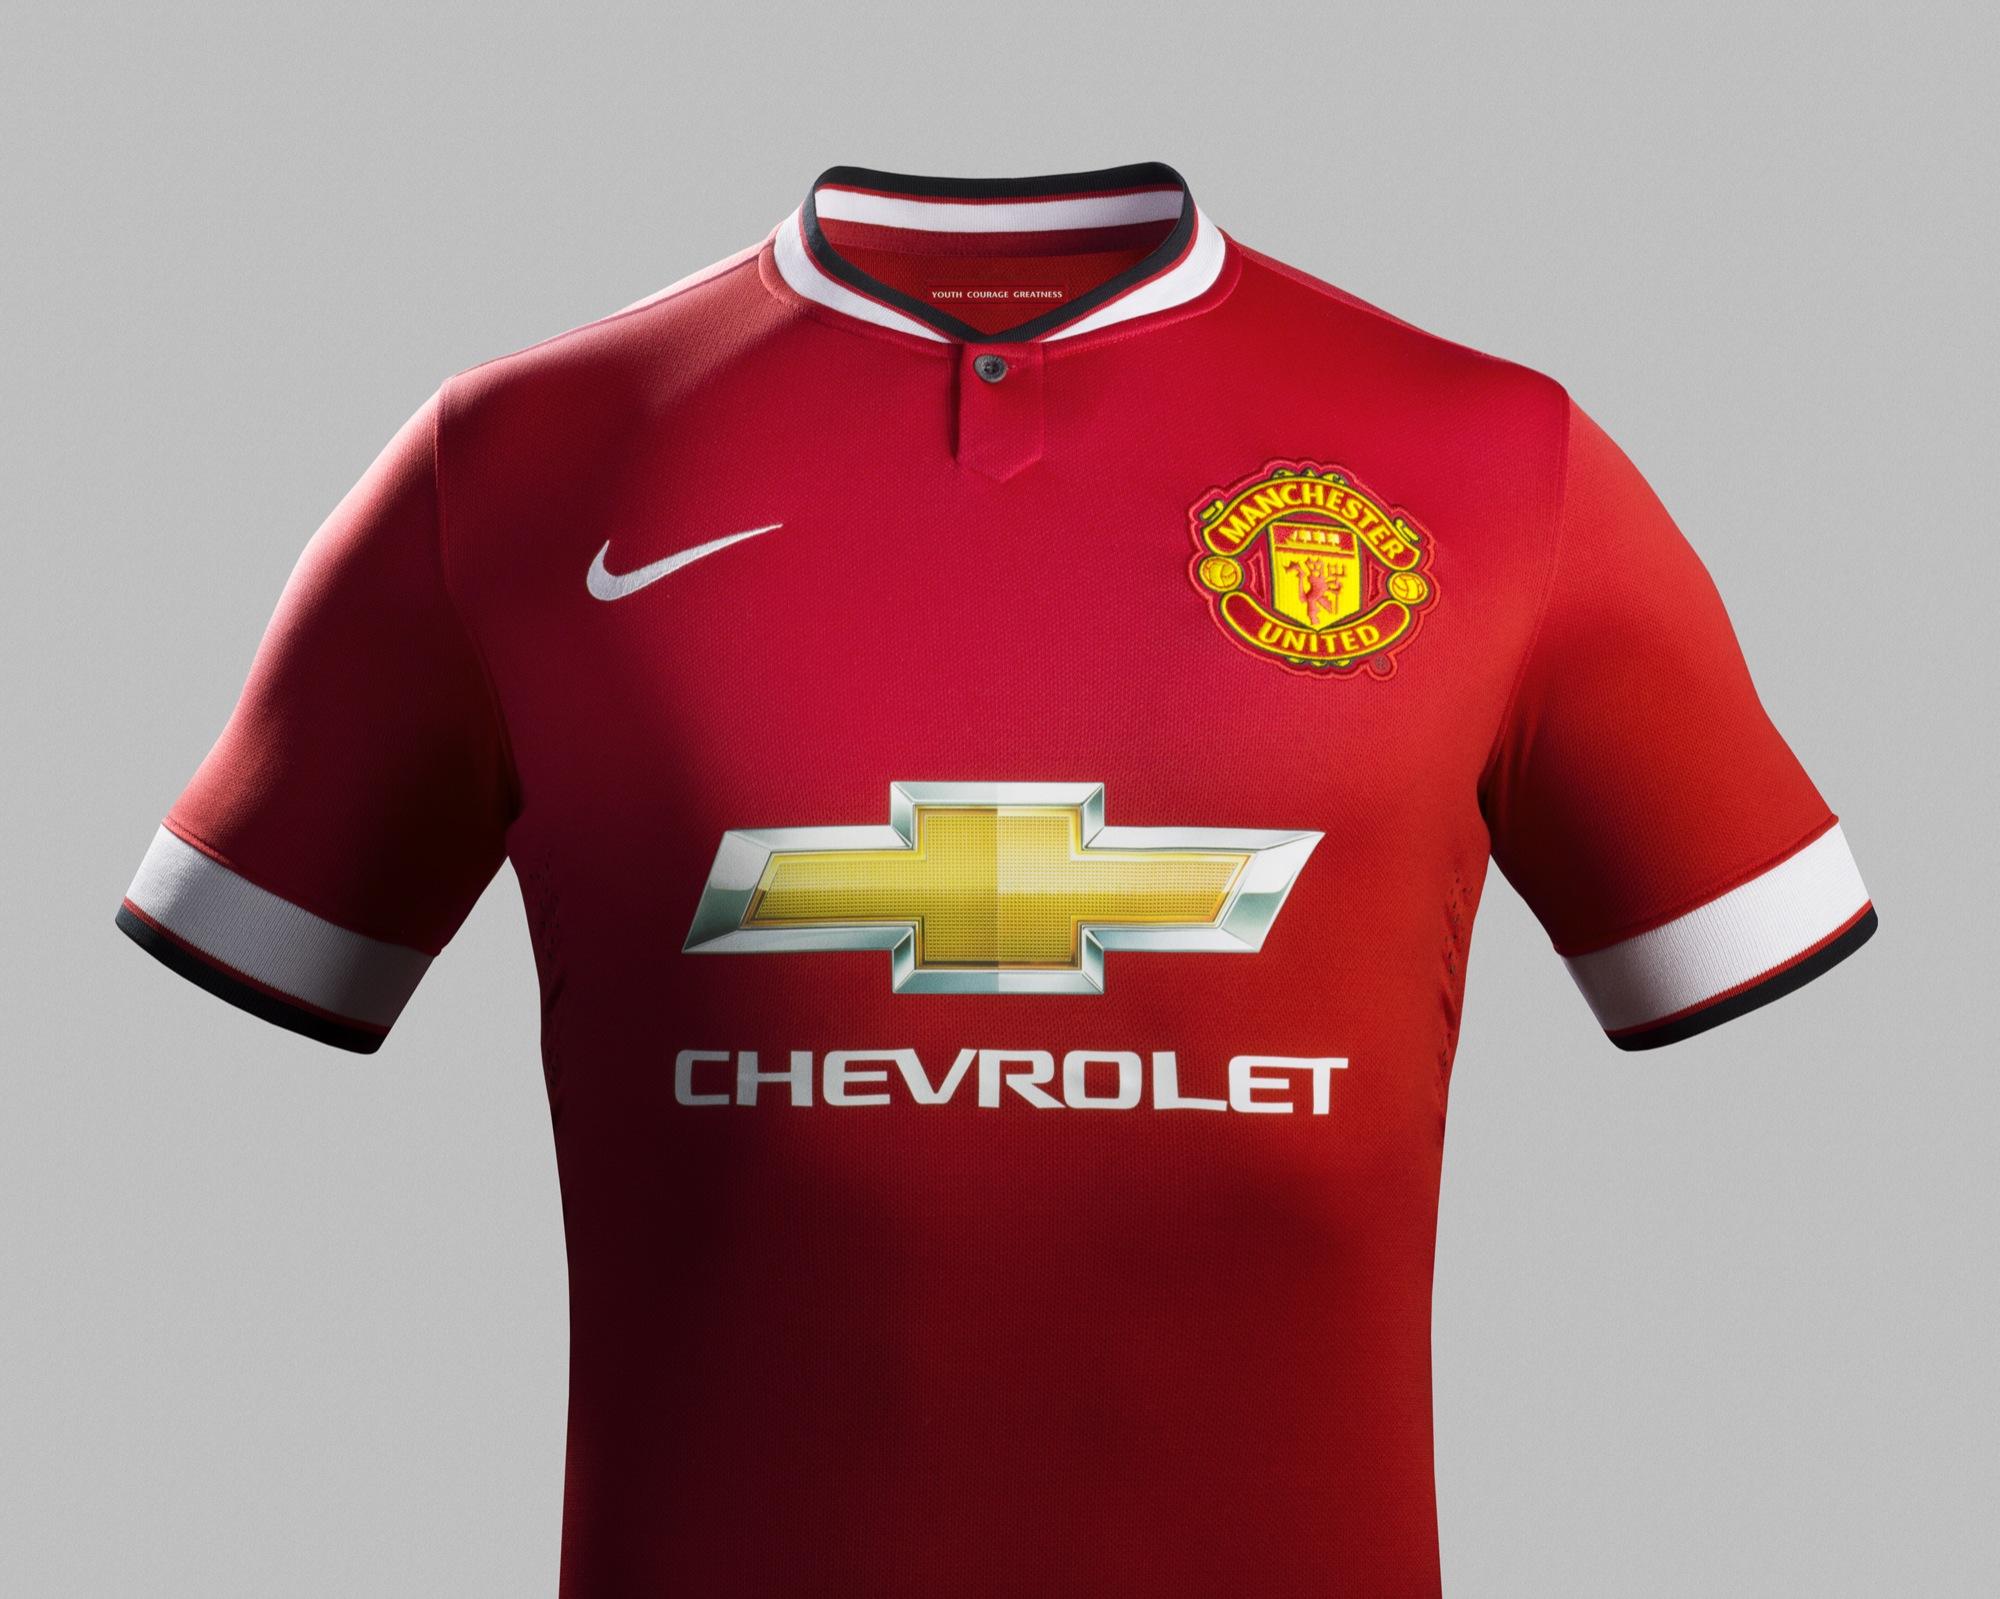 Manchester united et chevrolet le sponsor de la discorde for Manchester united shirt sponsor